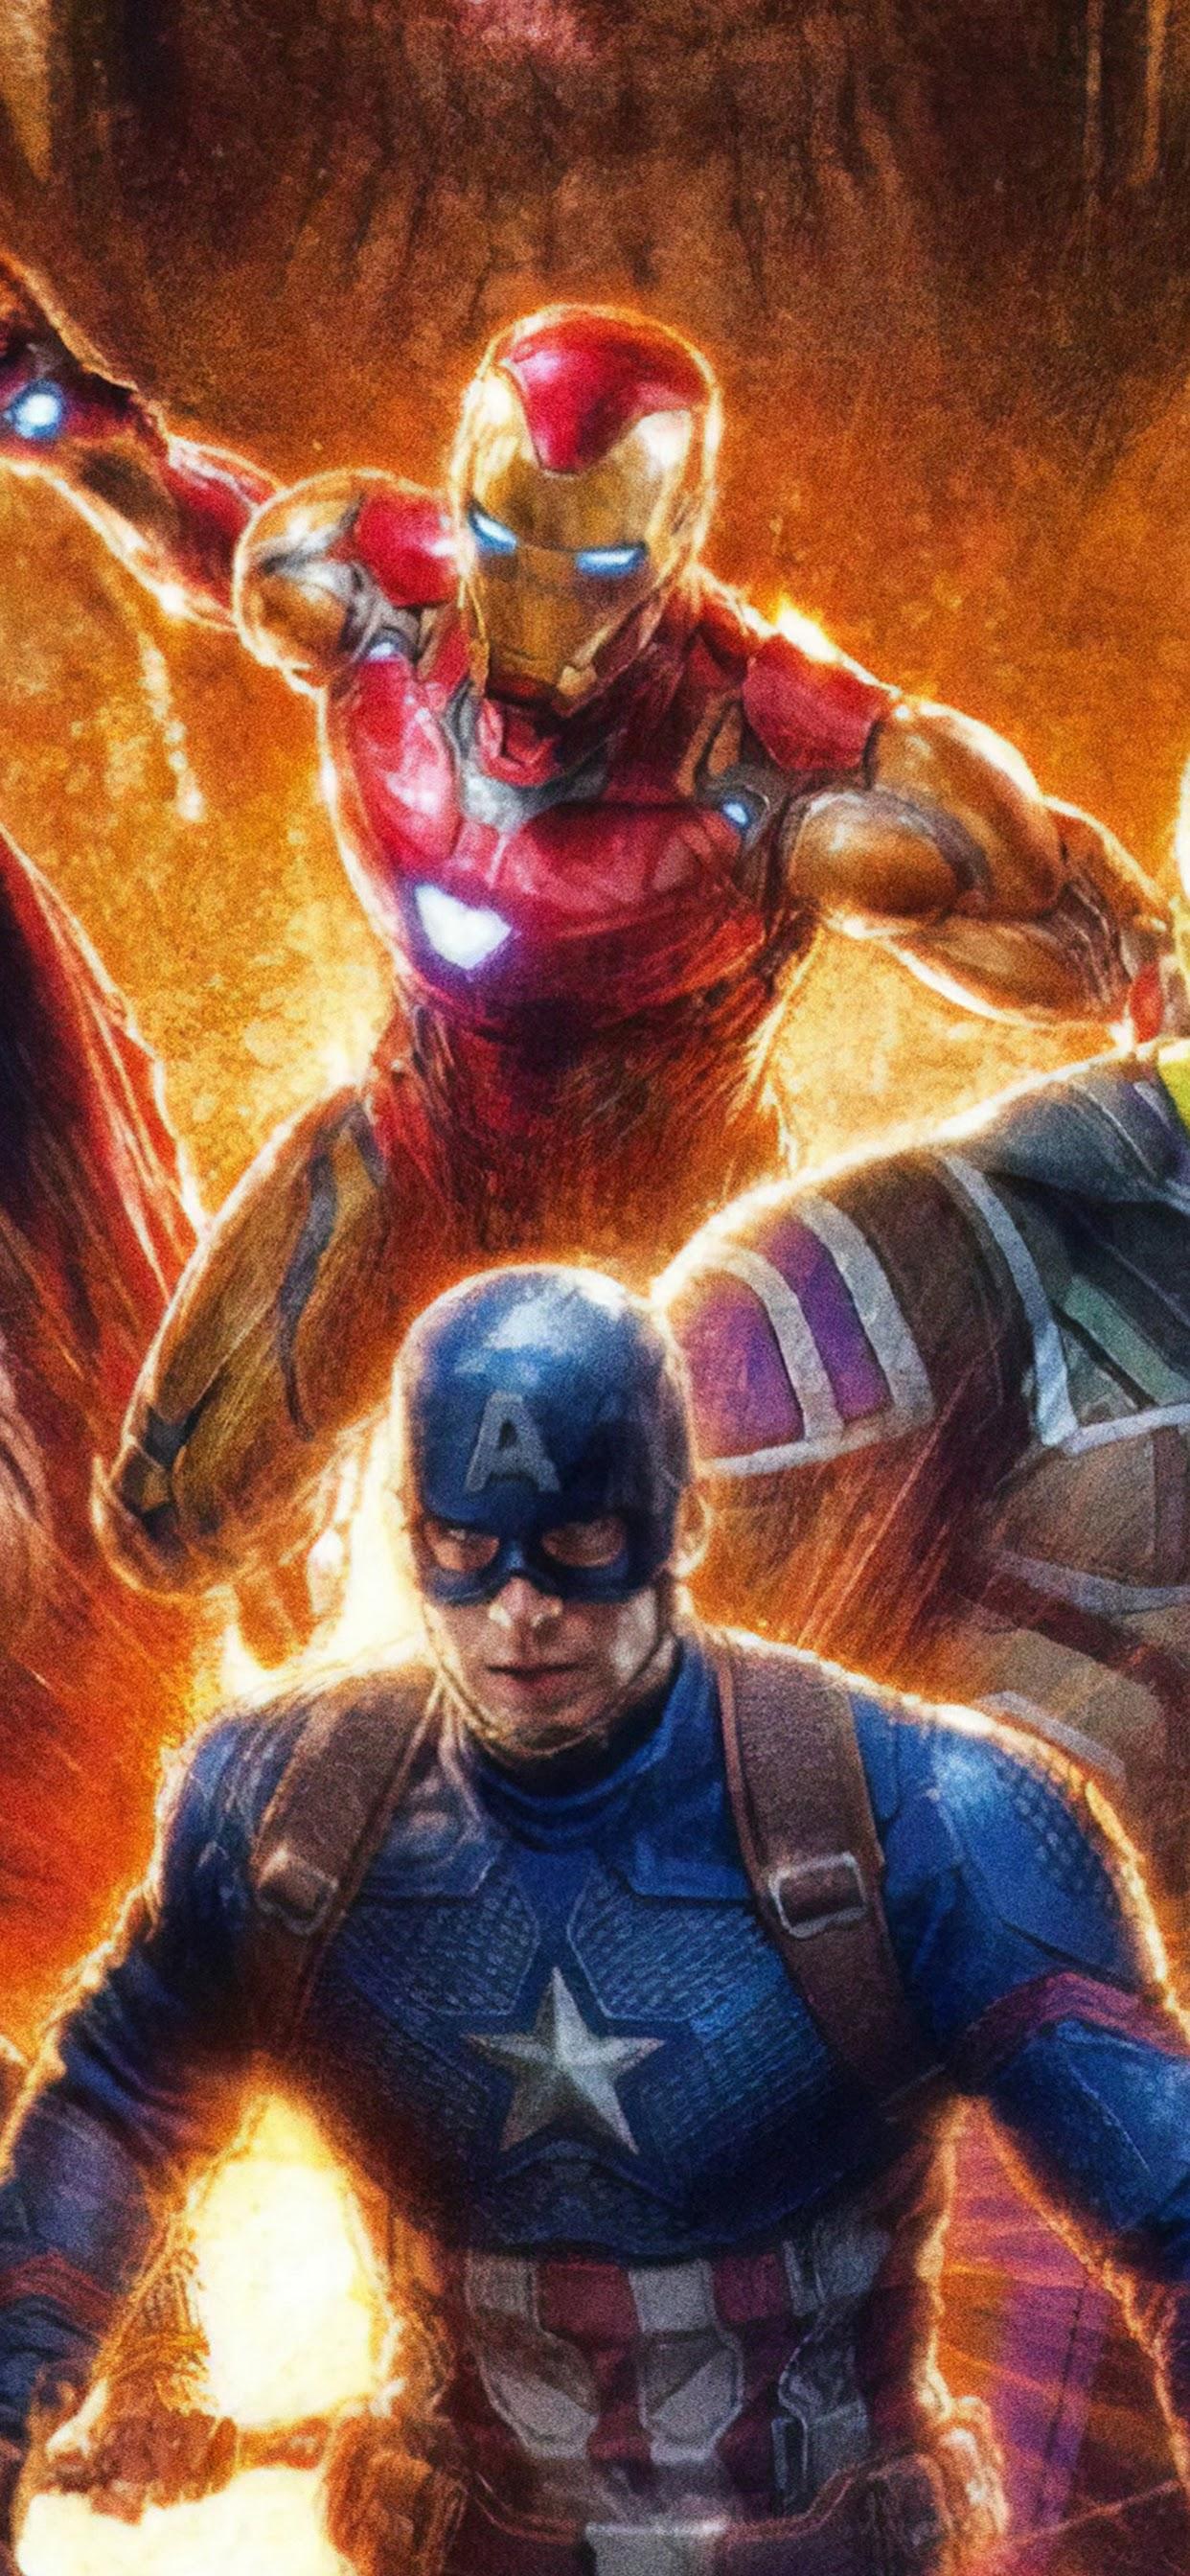 Endgame Iron Man Captain America 4k Note 10 Plus 4k